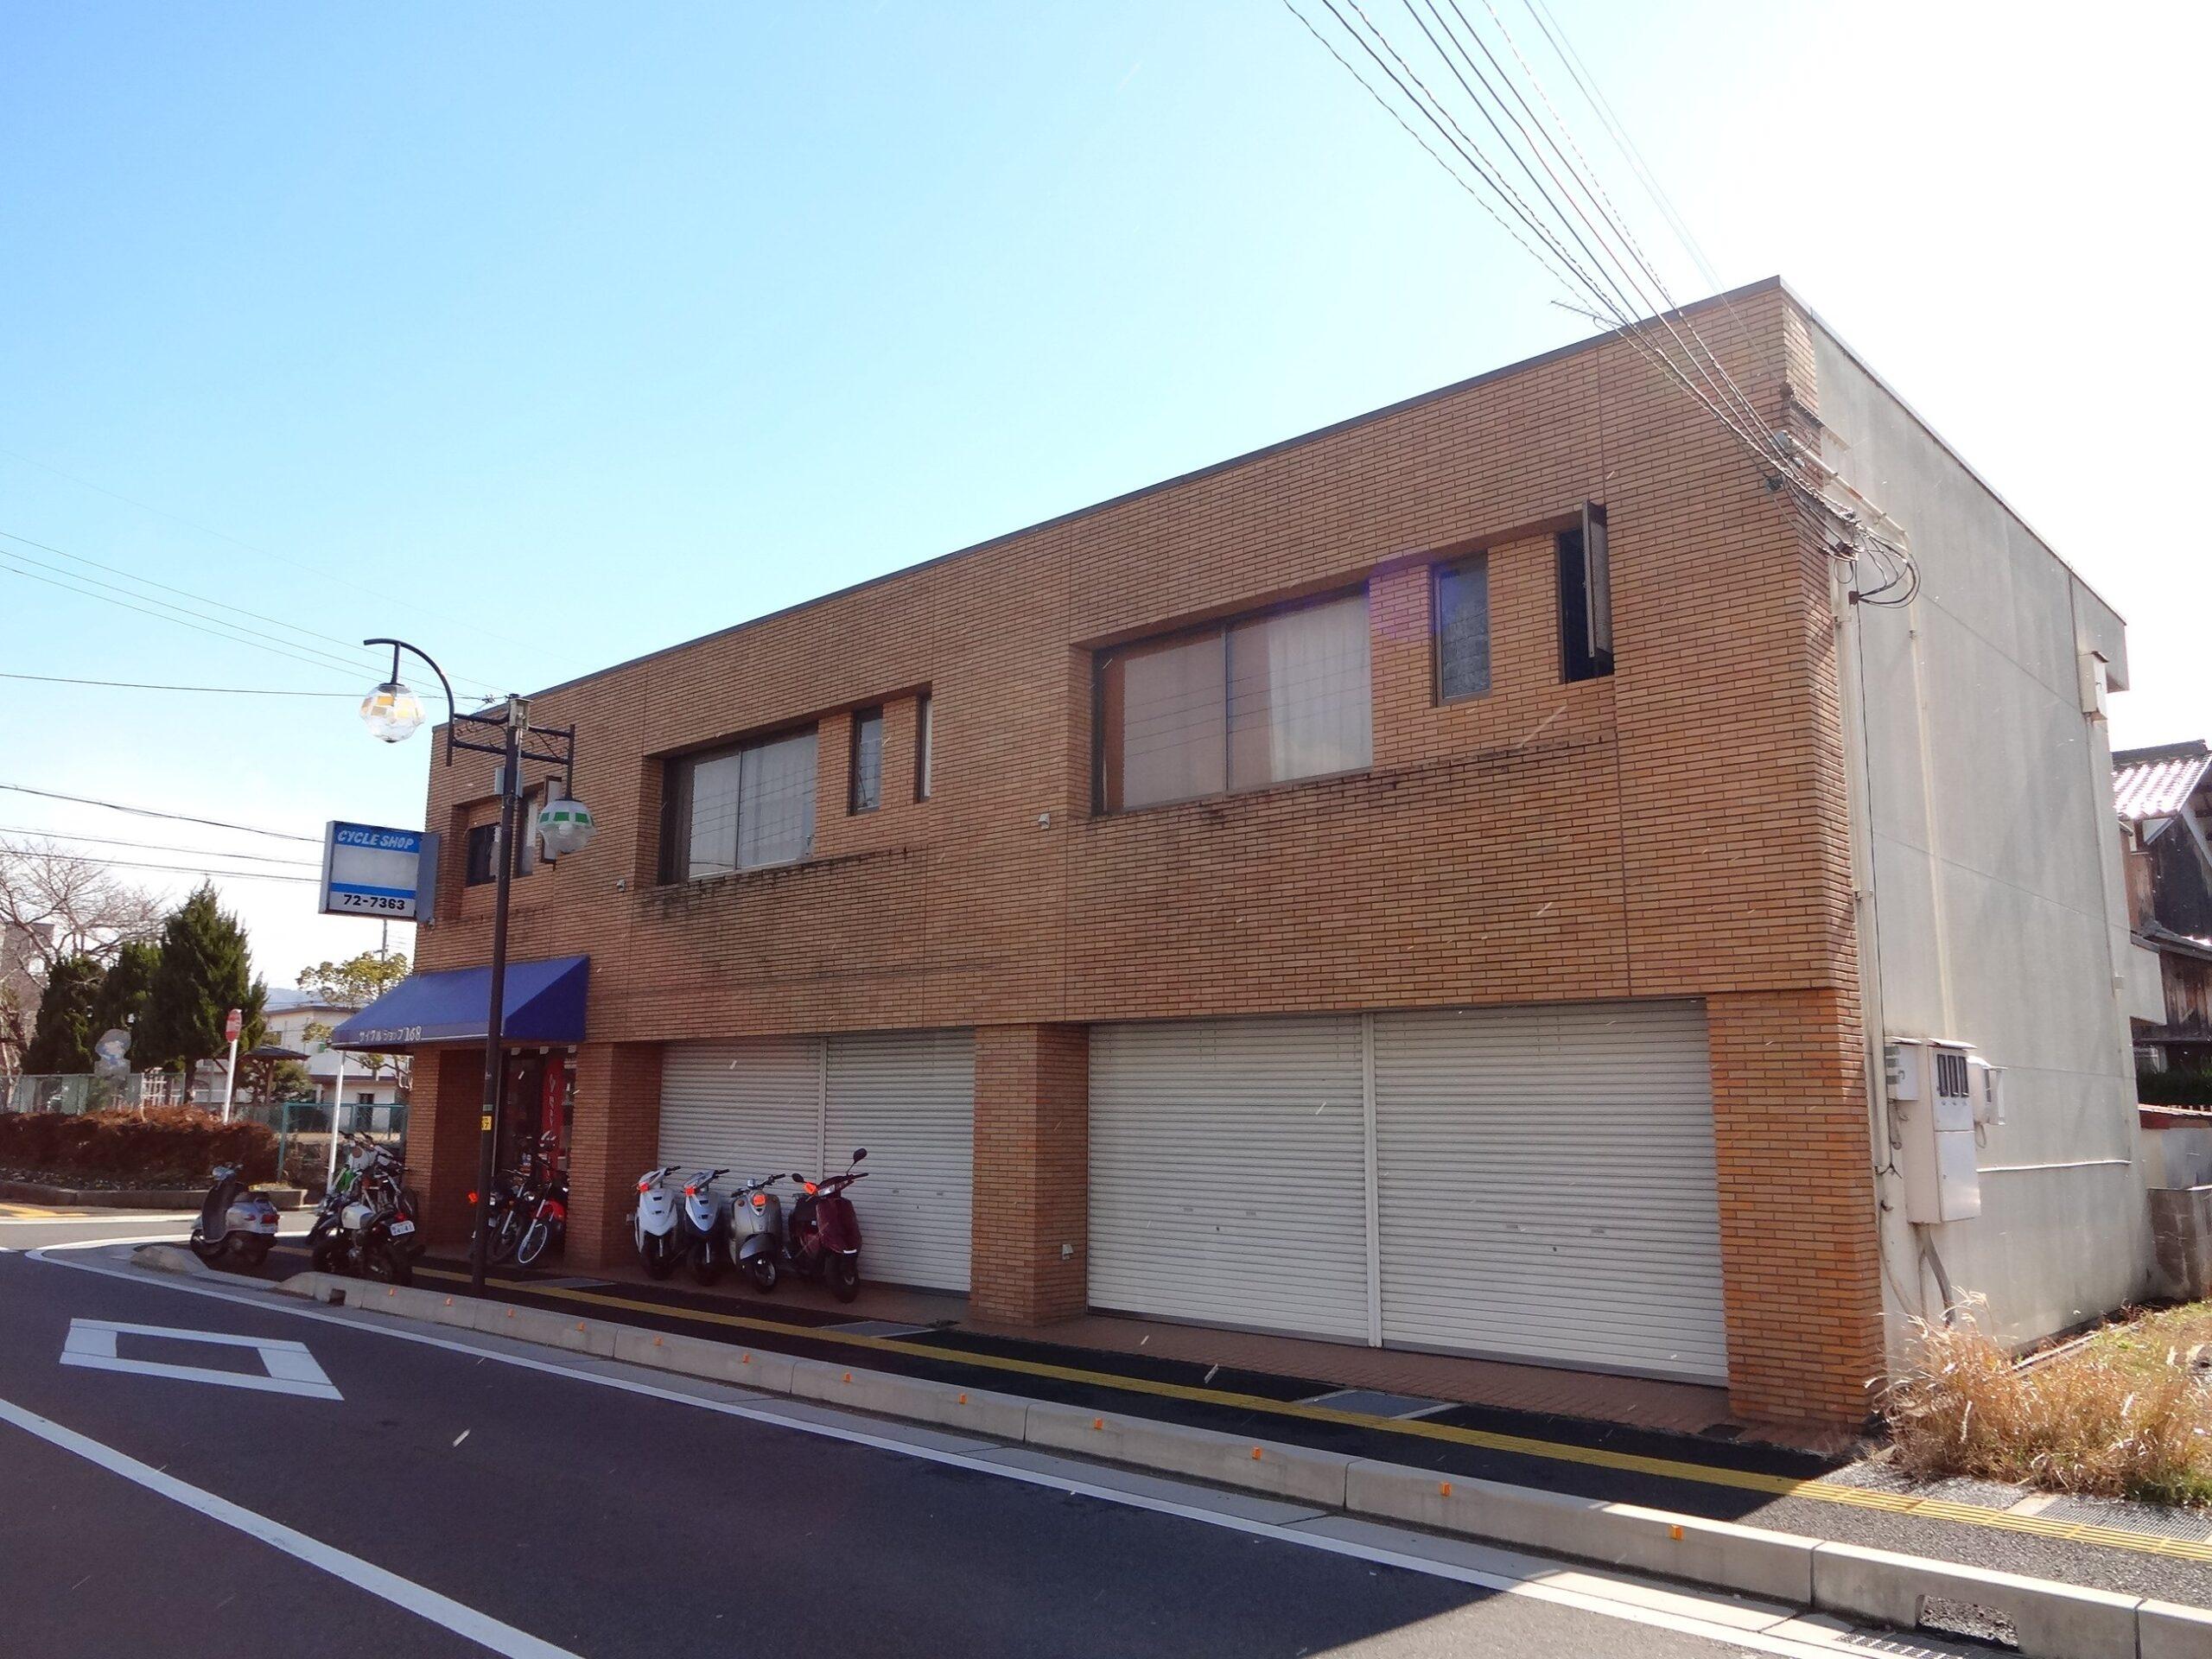 湖南市 JR草津線甲西駅徒歩10分 カルチャー通り沿い貸店舗